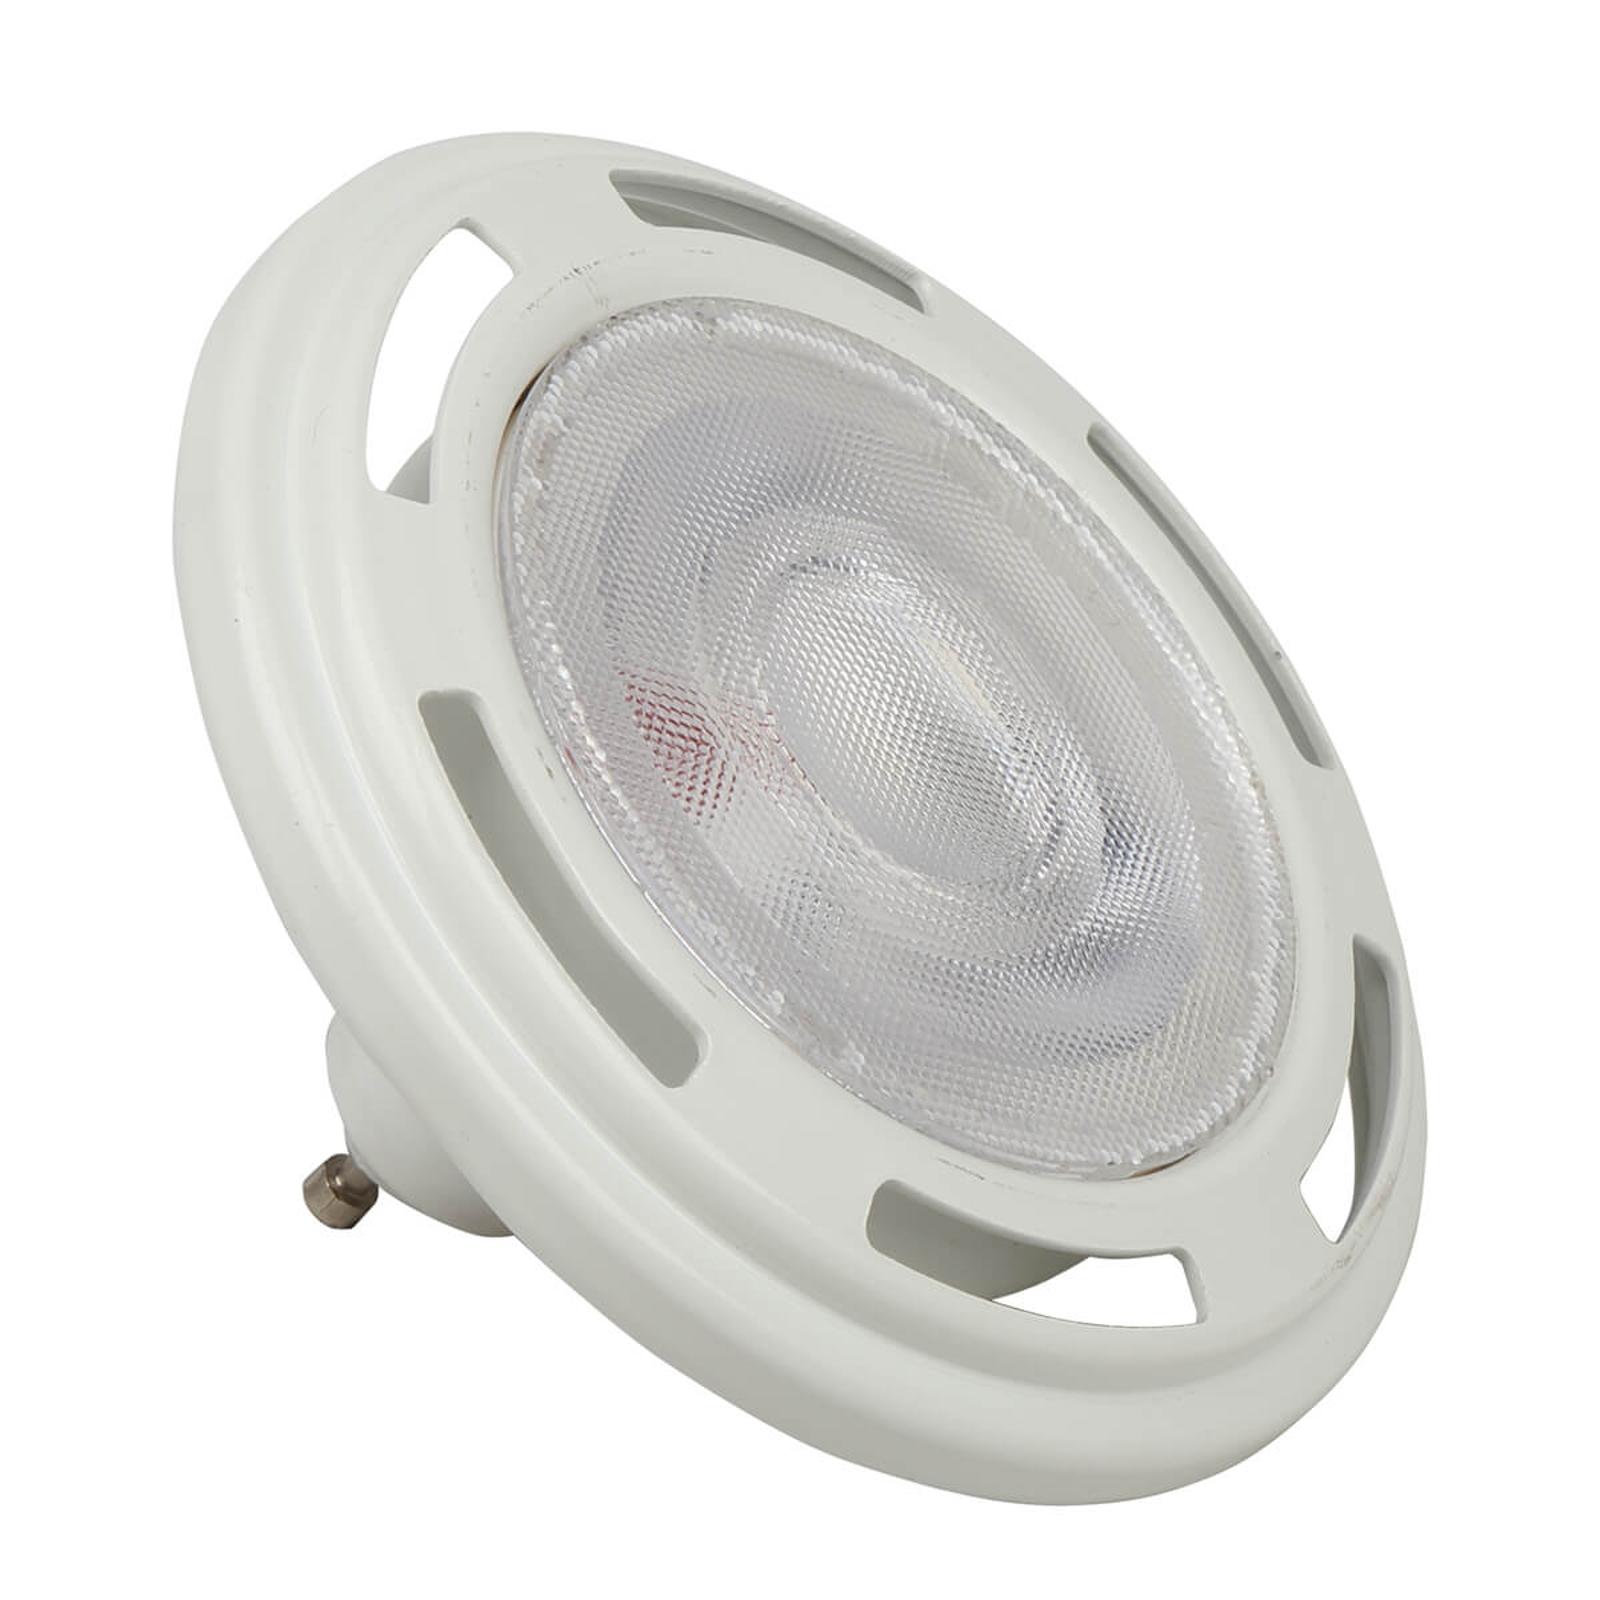 LED-reflektor ES111 25° GU10 13W, varmhvit